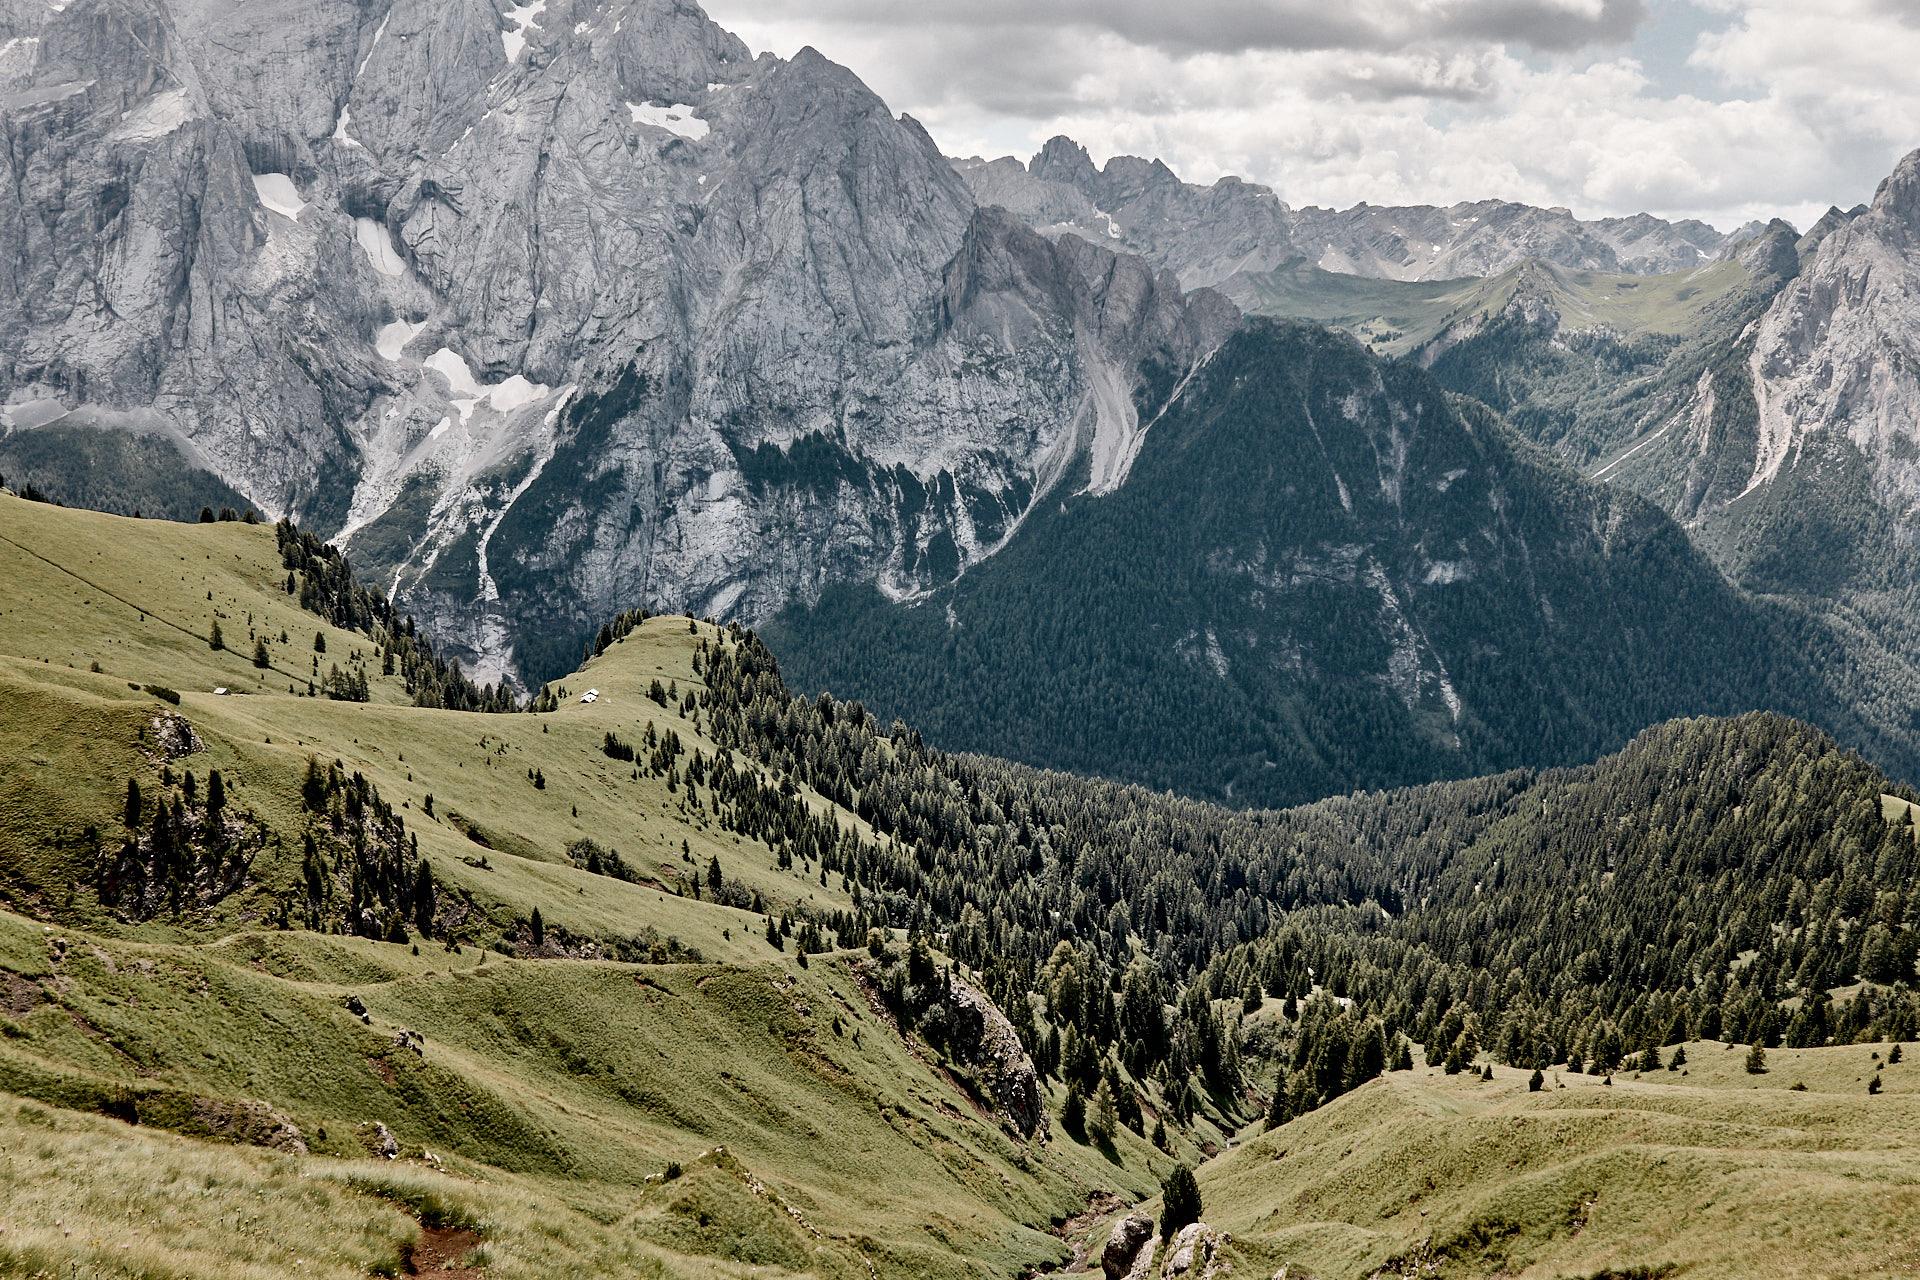 Auf dem Wanderweg zum Lago Di Fedia über den Col dei Rossi, Rif Baita Fredarola, Italien, Trentino, Dolomiten, Alpen, wandern, Wanderung